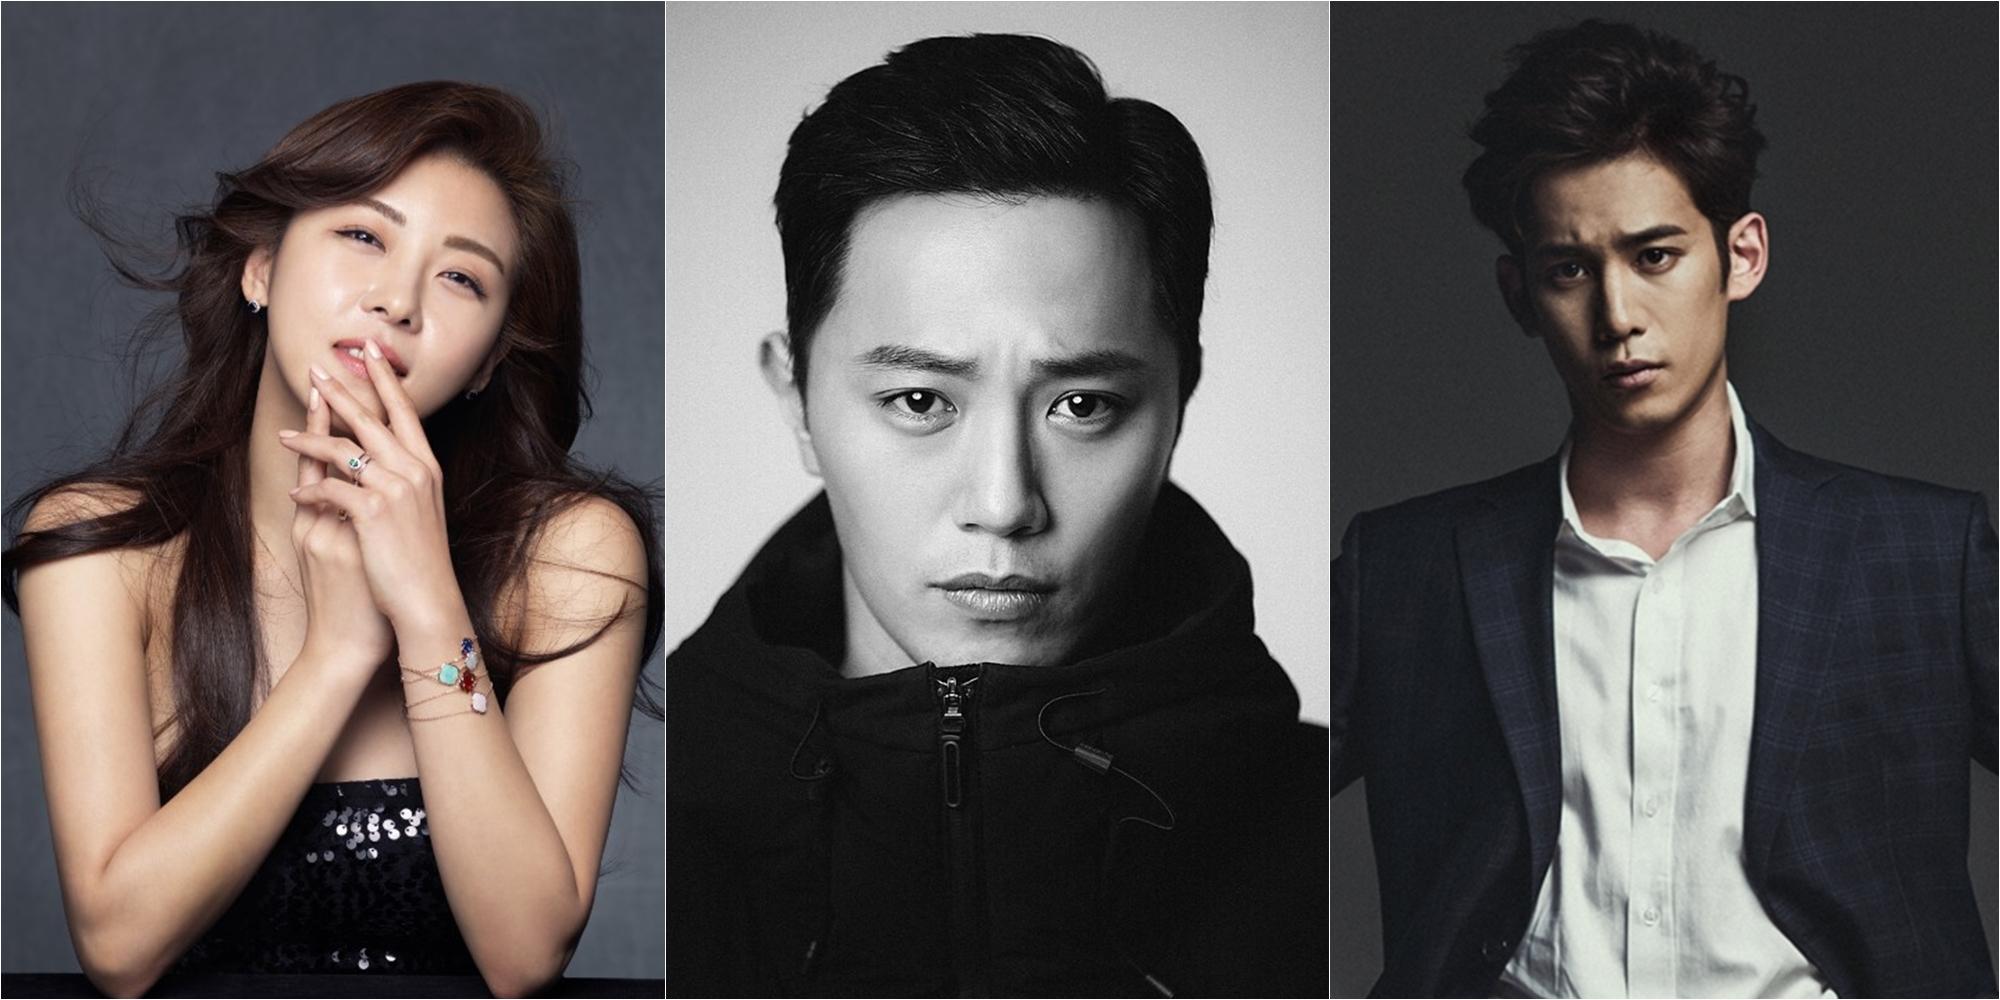 '프로메테우스' 내년 상반기 MBC 편성 확정… 9월부터 해외 로케 시작